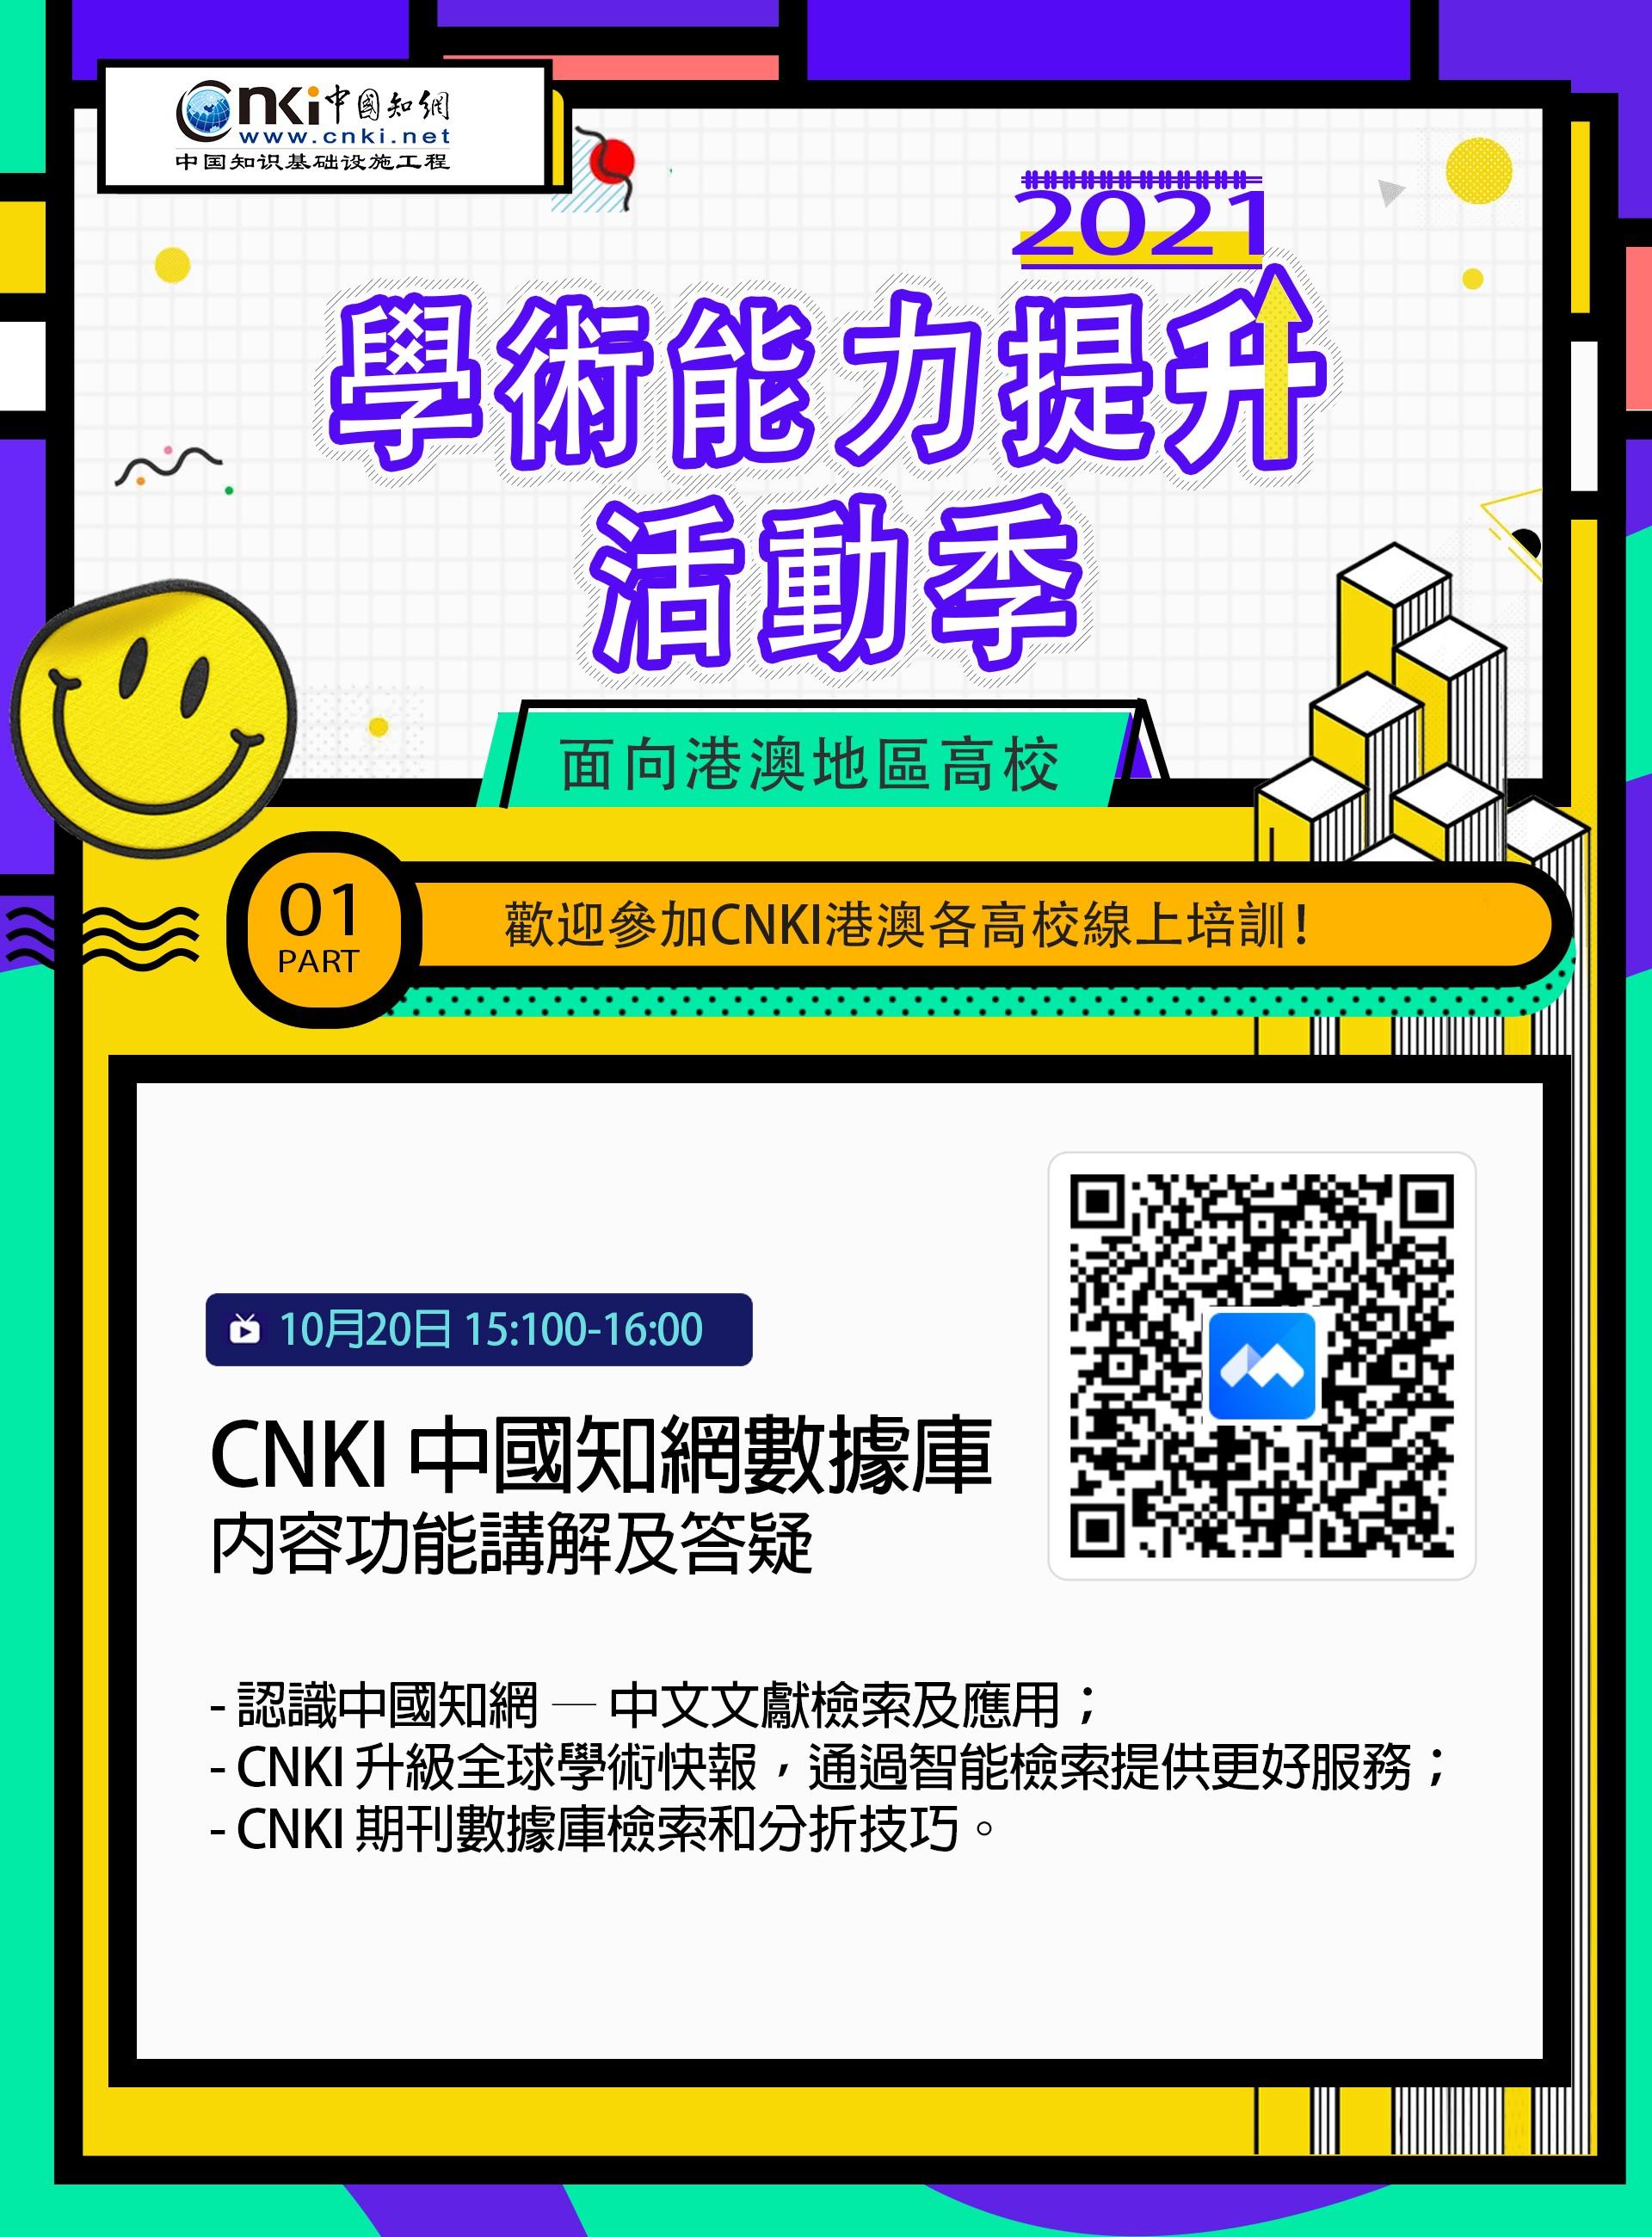 CNKI 中國知網:學術能力提升活動季2021 — 資料庫線上培訓